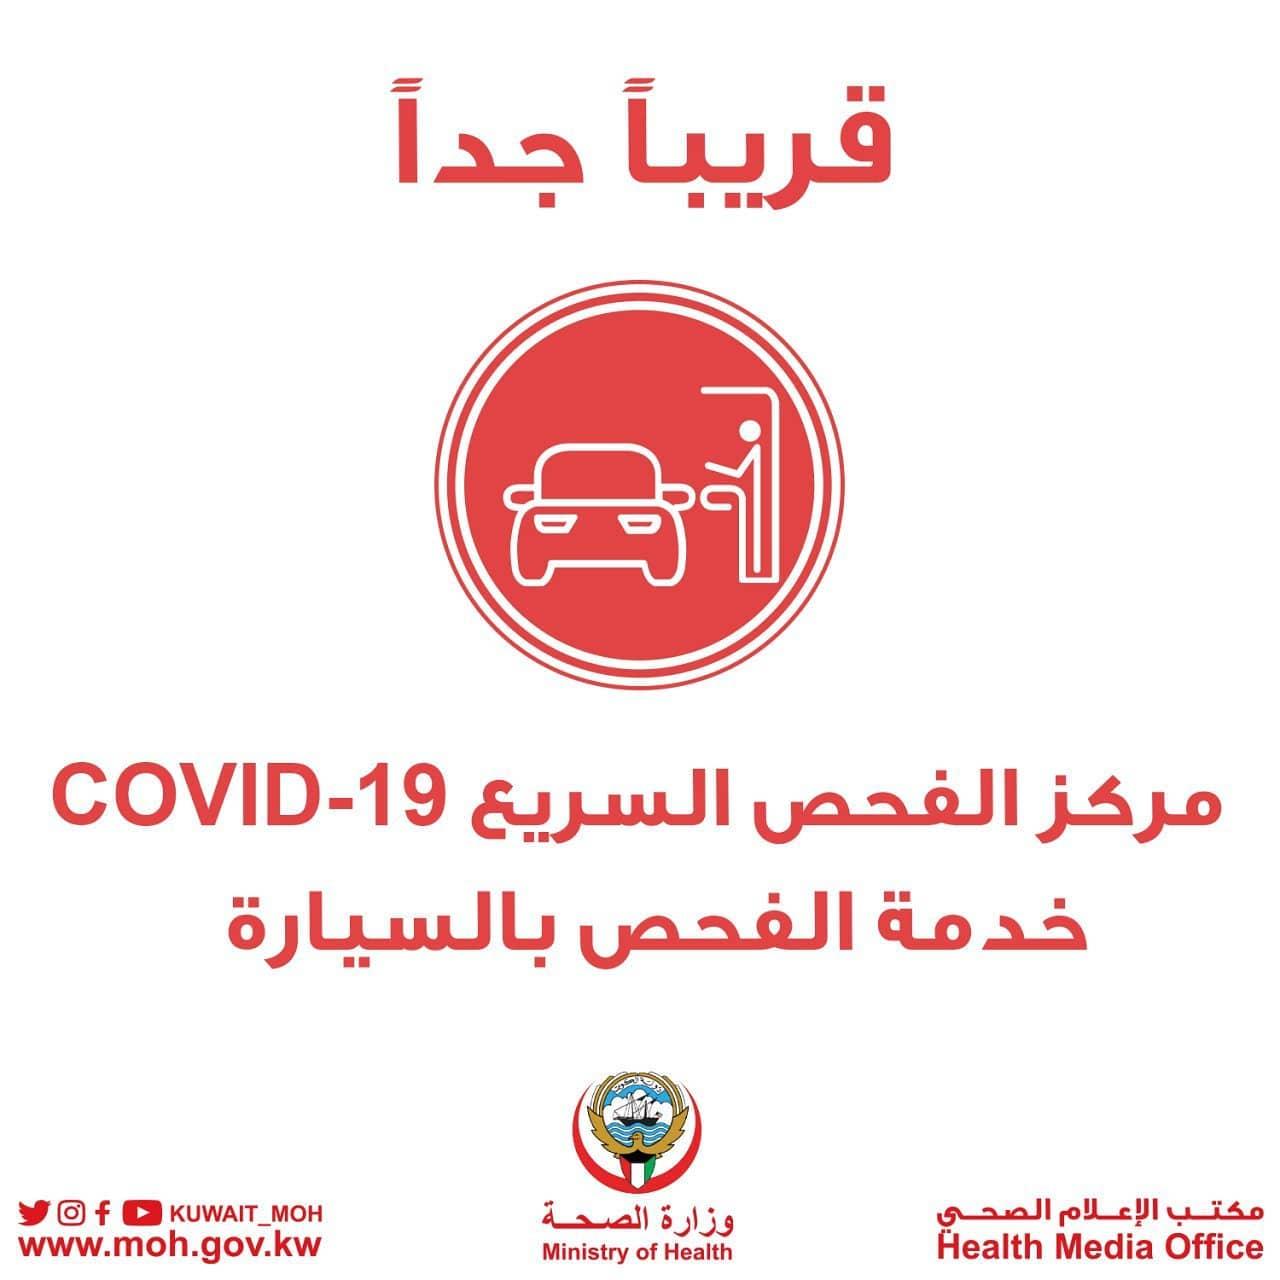 #kuwait_covid19